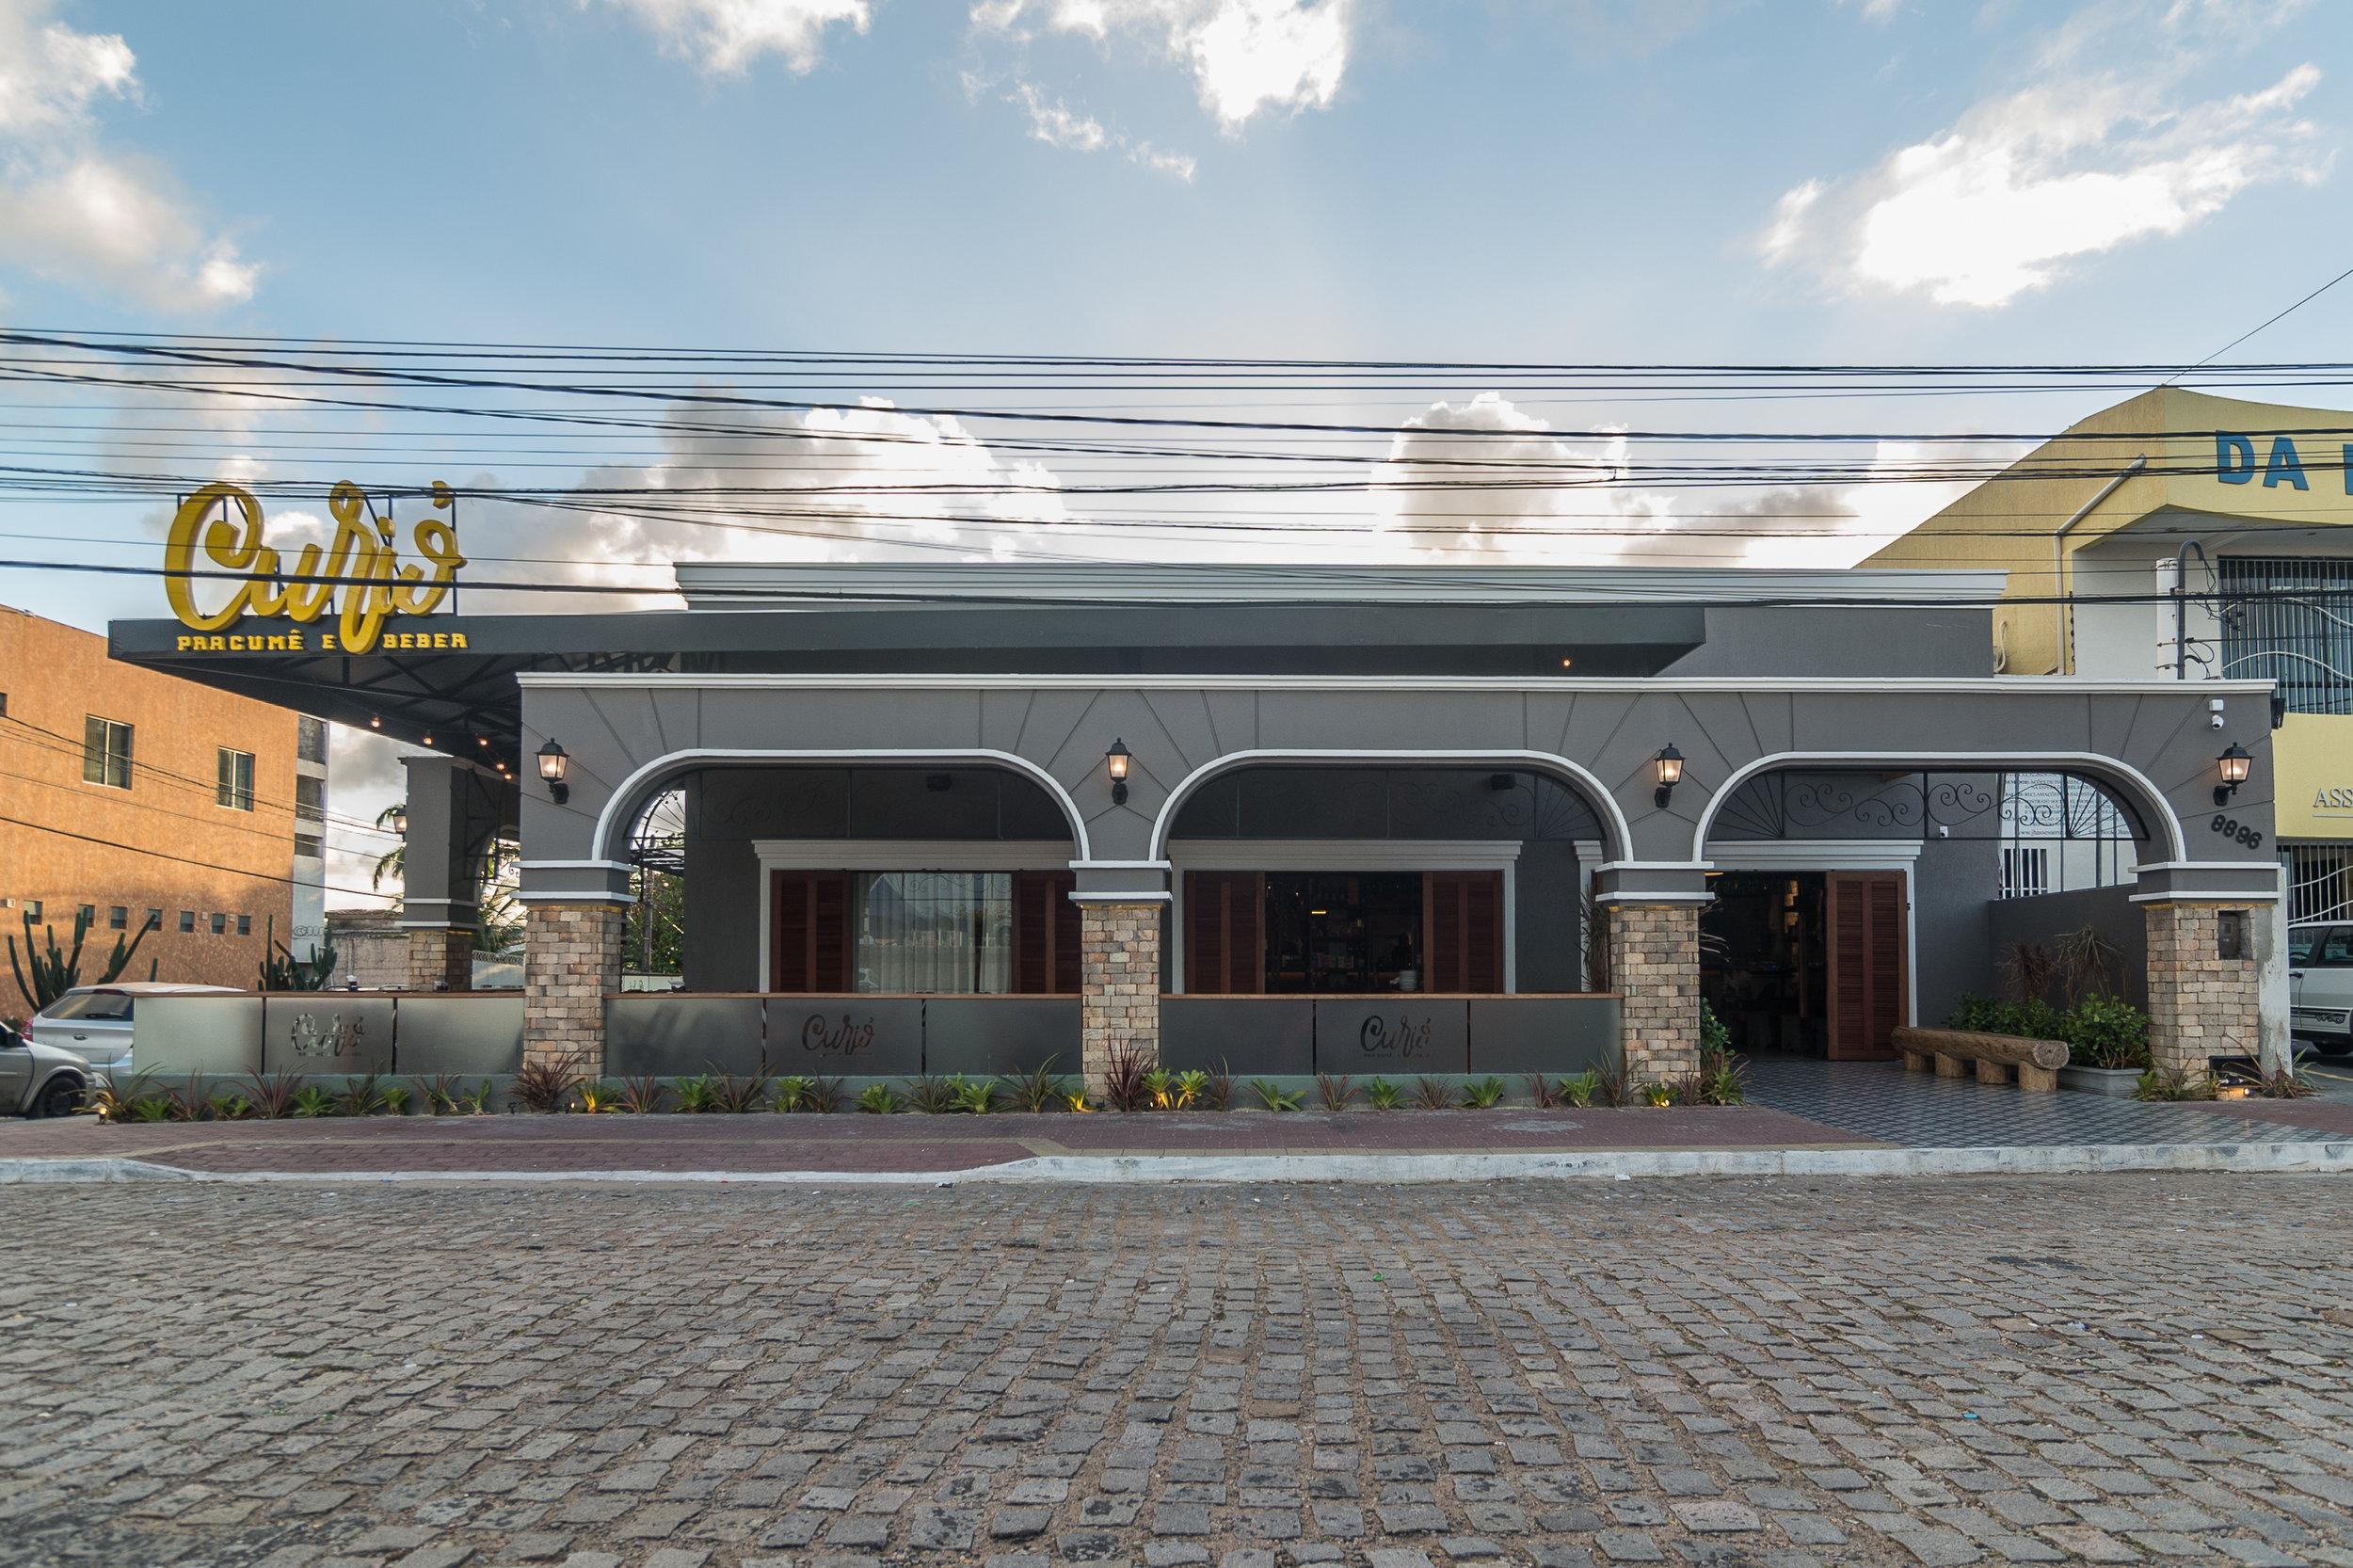 projeto-arquitetonico-curio-duo-arquitetura-011.jpg